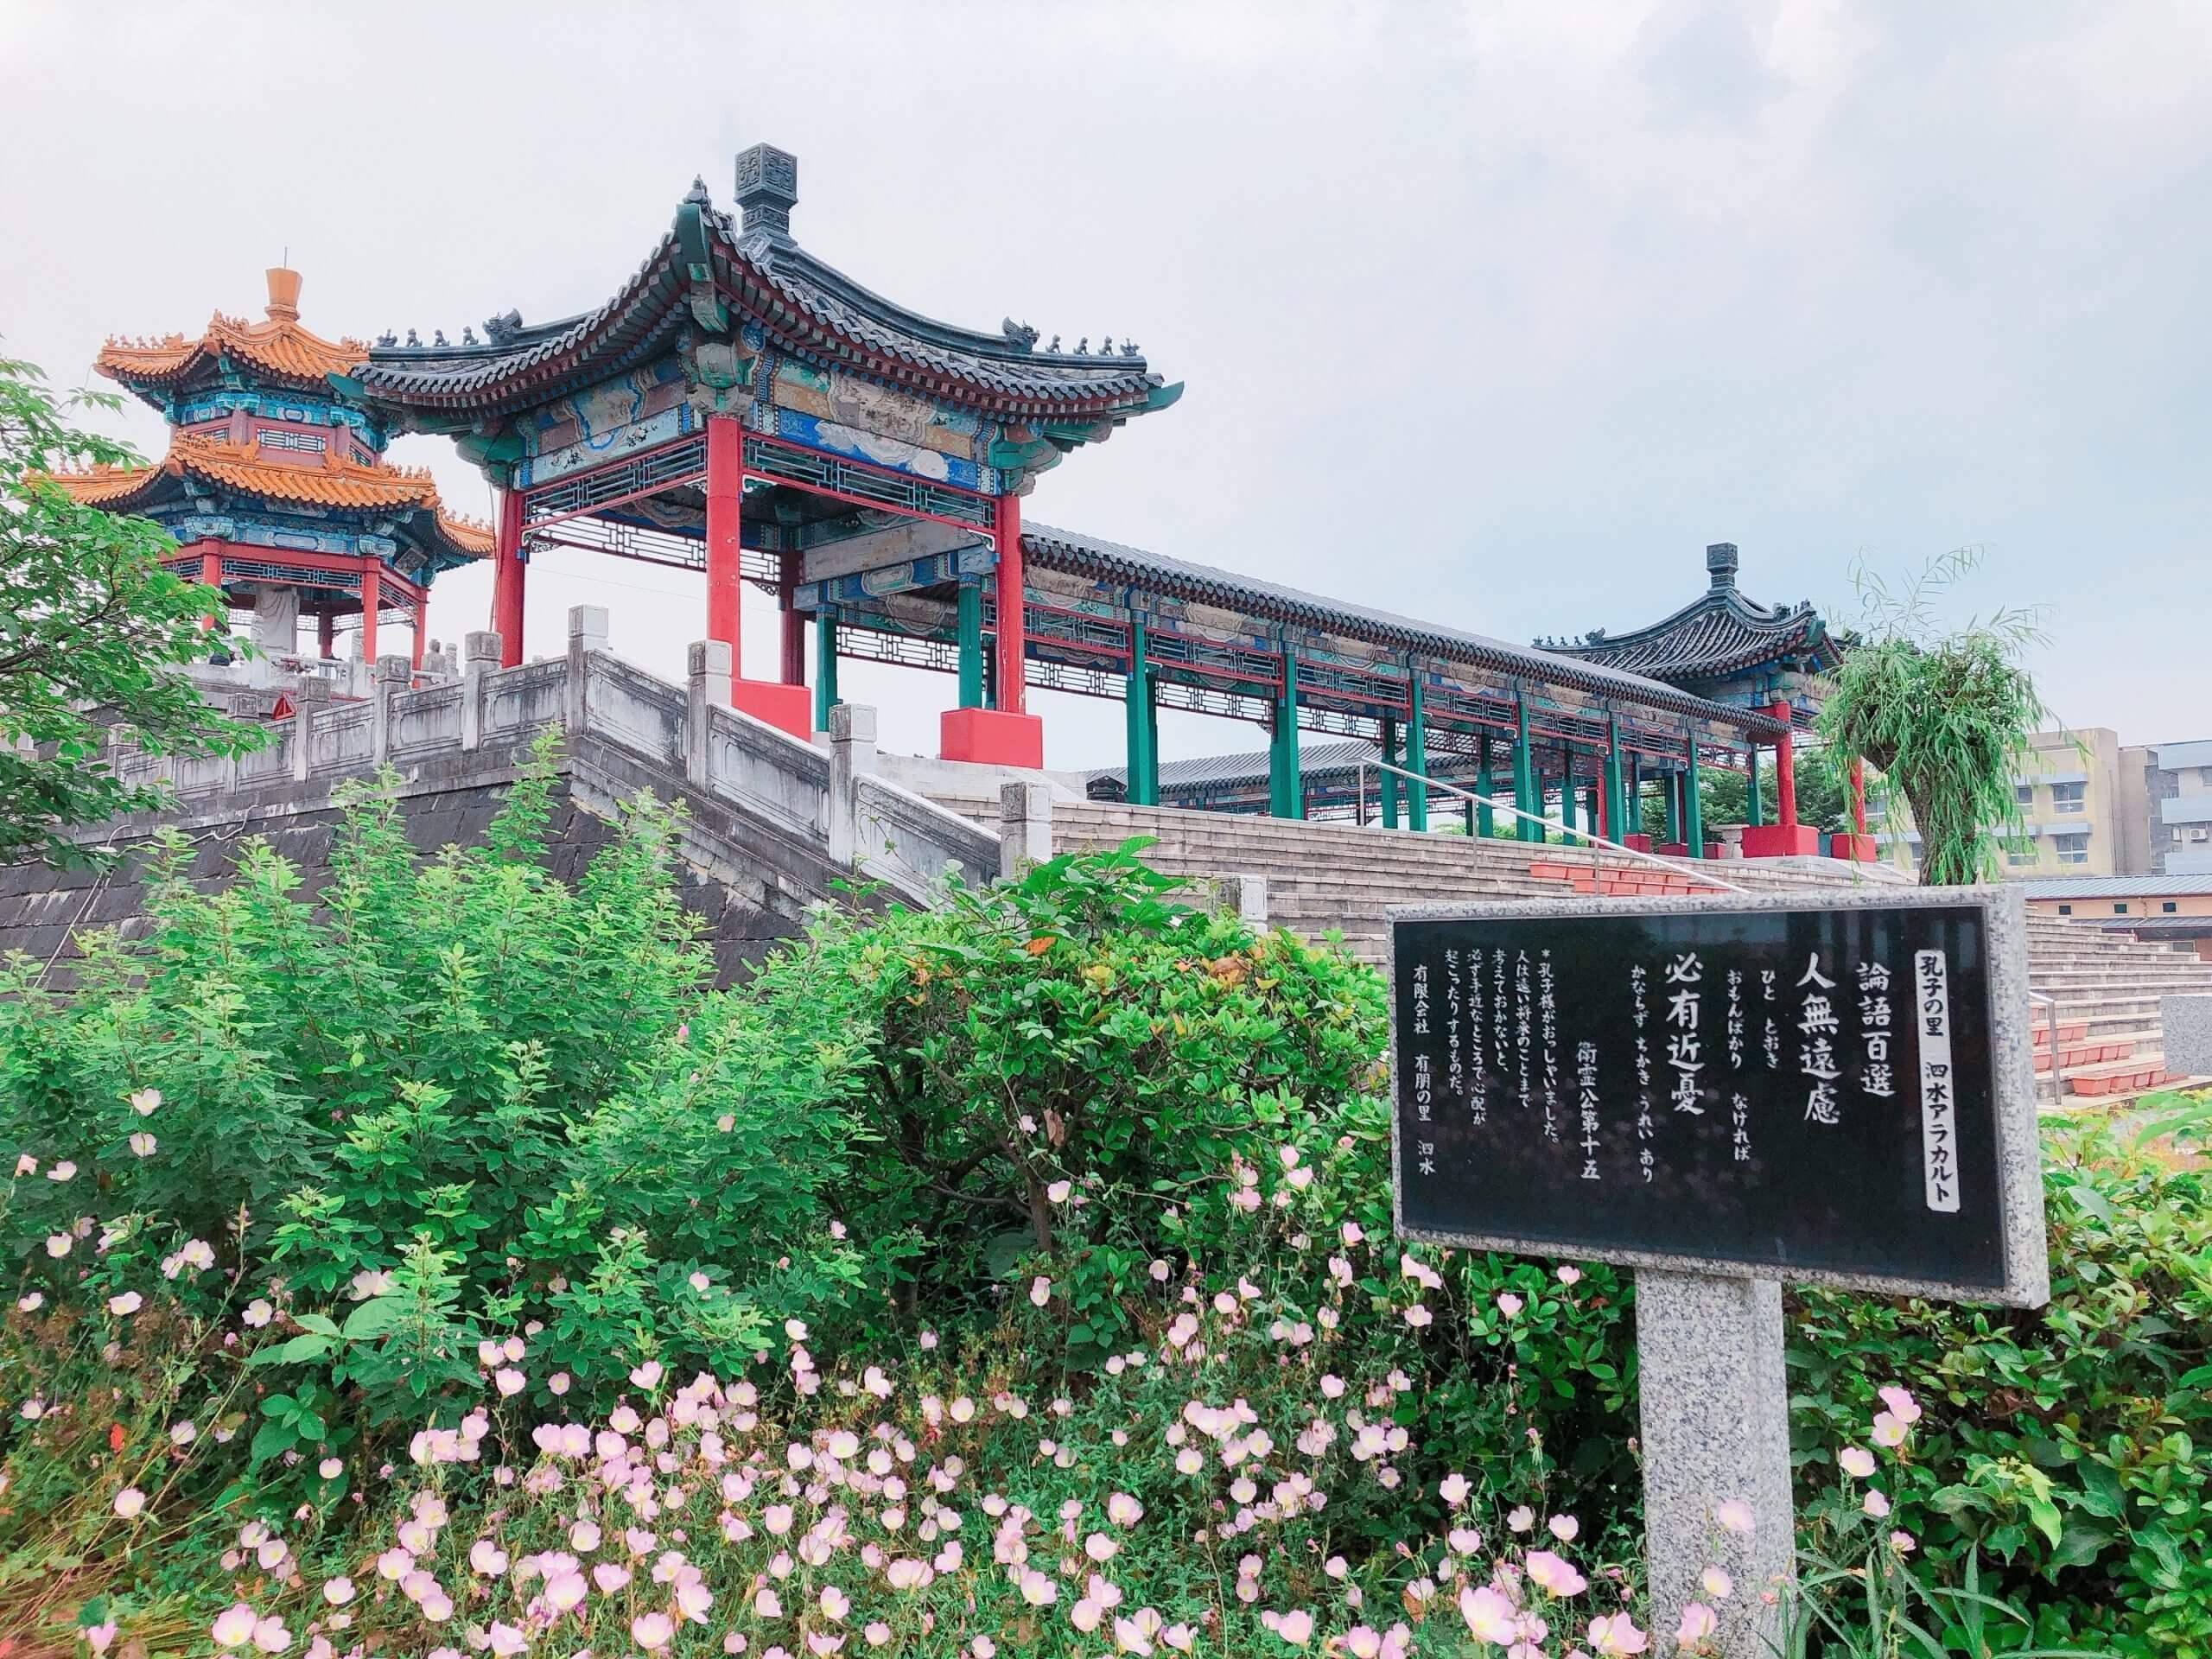 【菊池市泗水町 孔子公園】映える!中国っぽい雰囲気のファミリー向けスポット♪